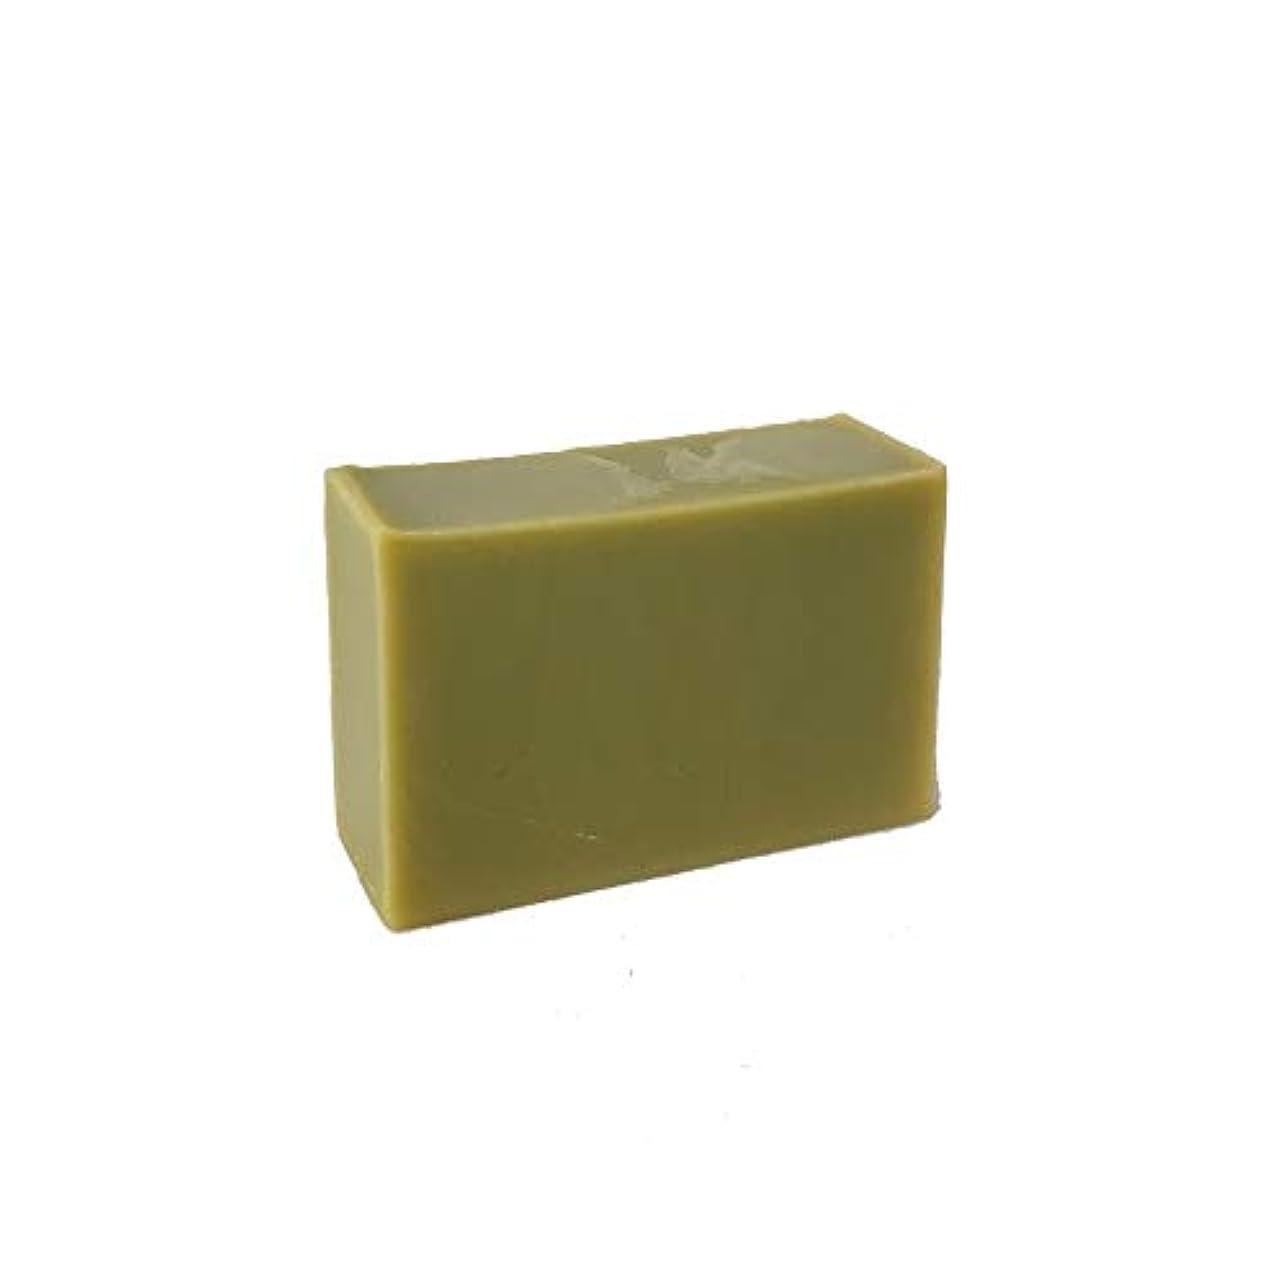 溶接大破子供っぽい石けん工房花華のツボクサ石けん コールドプロセス製法 80g